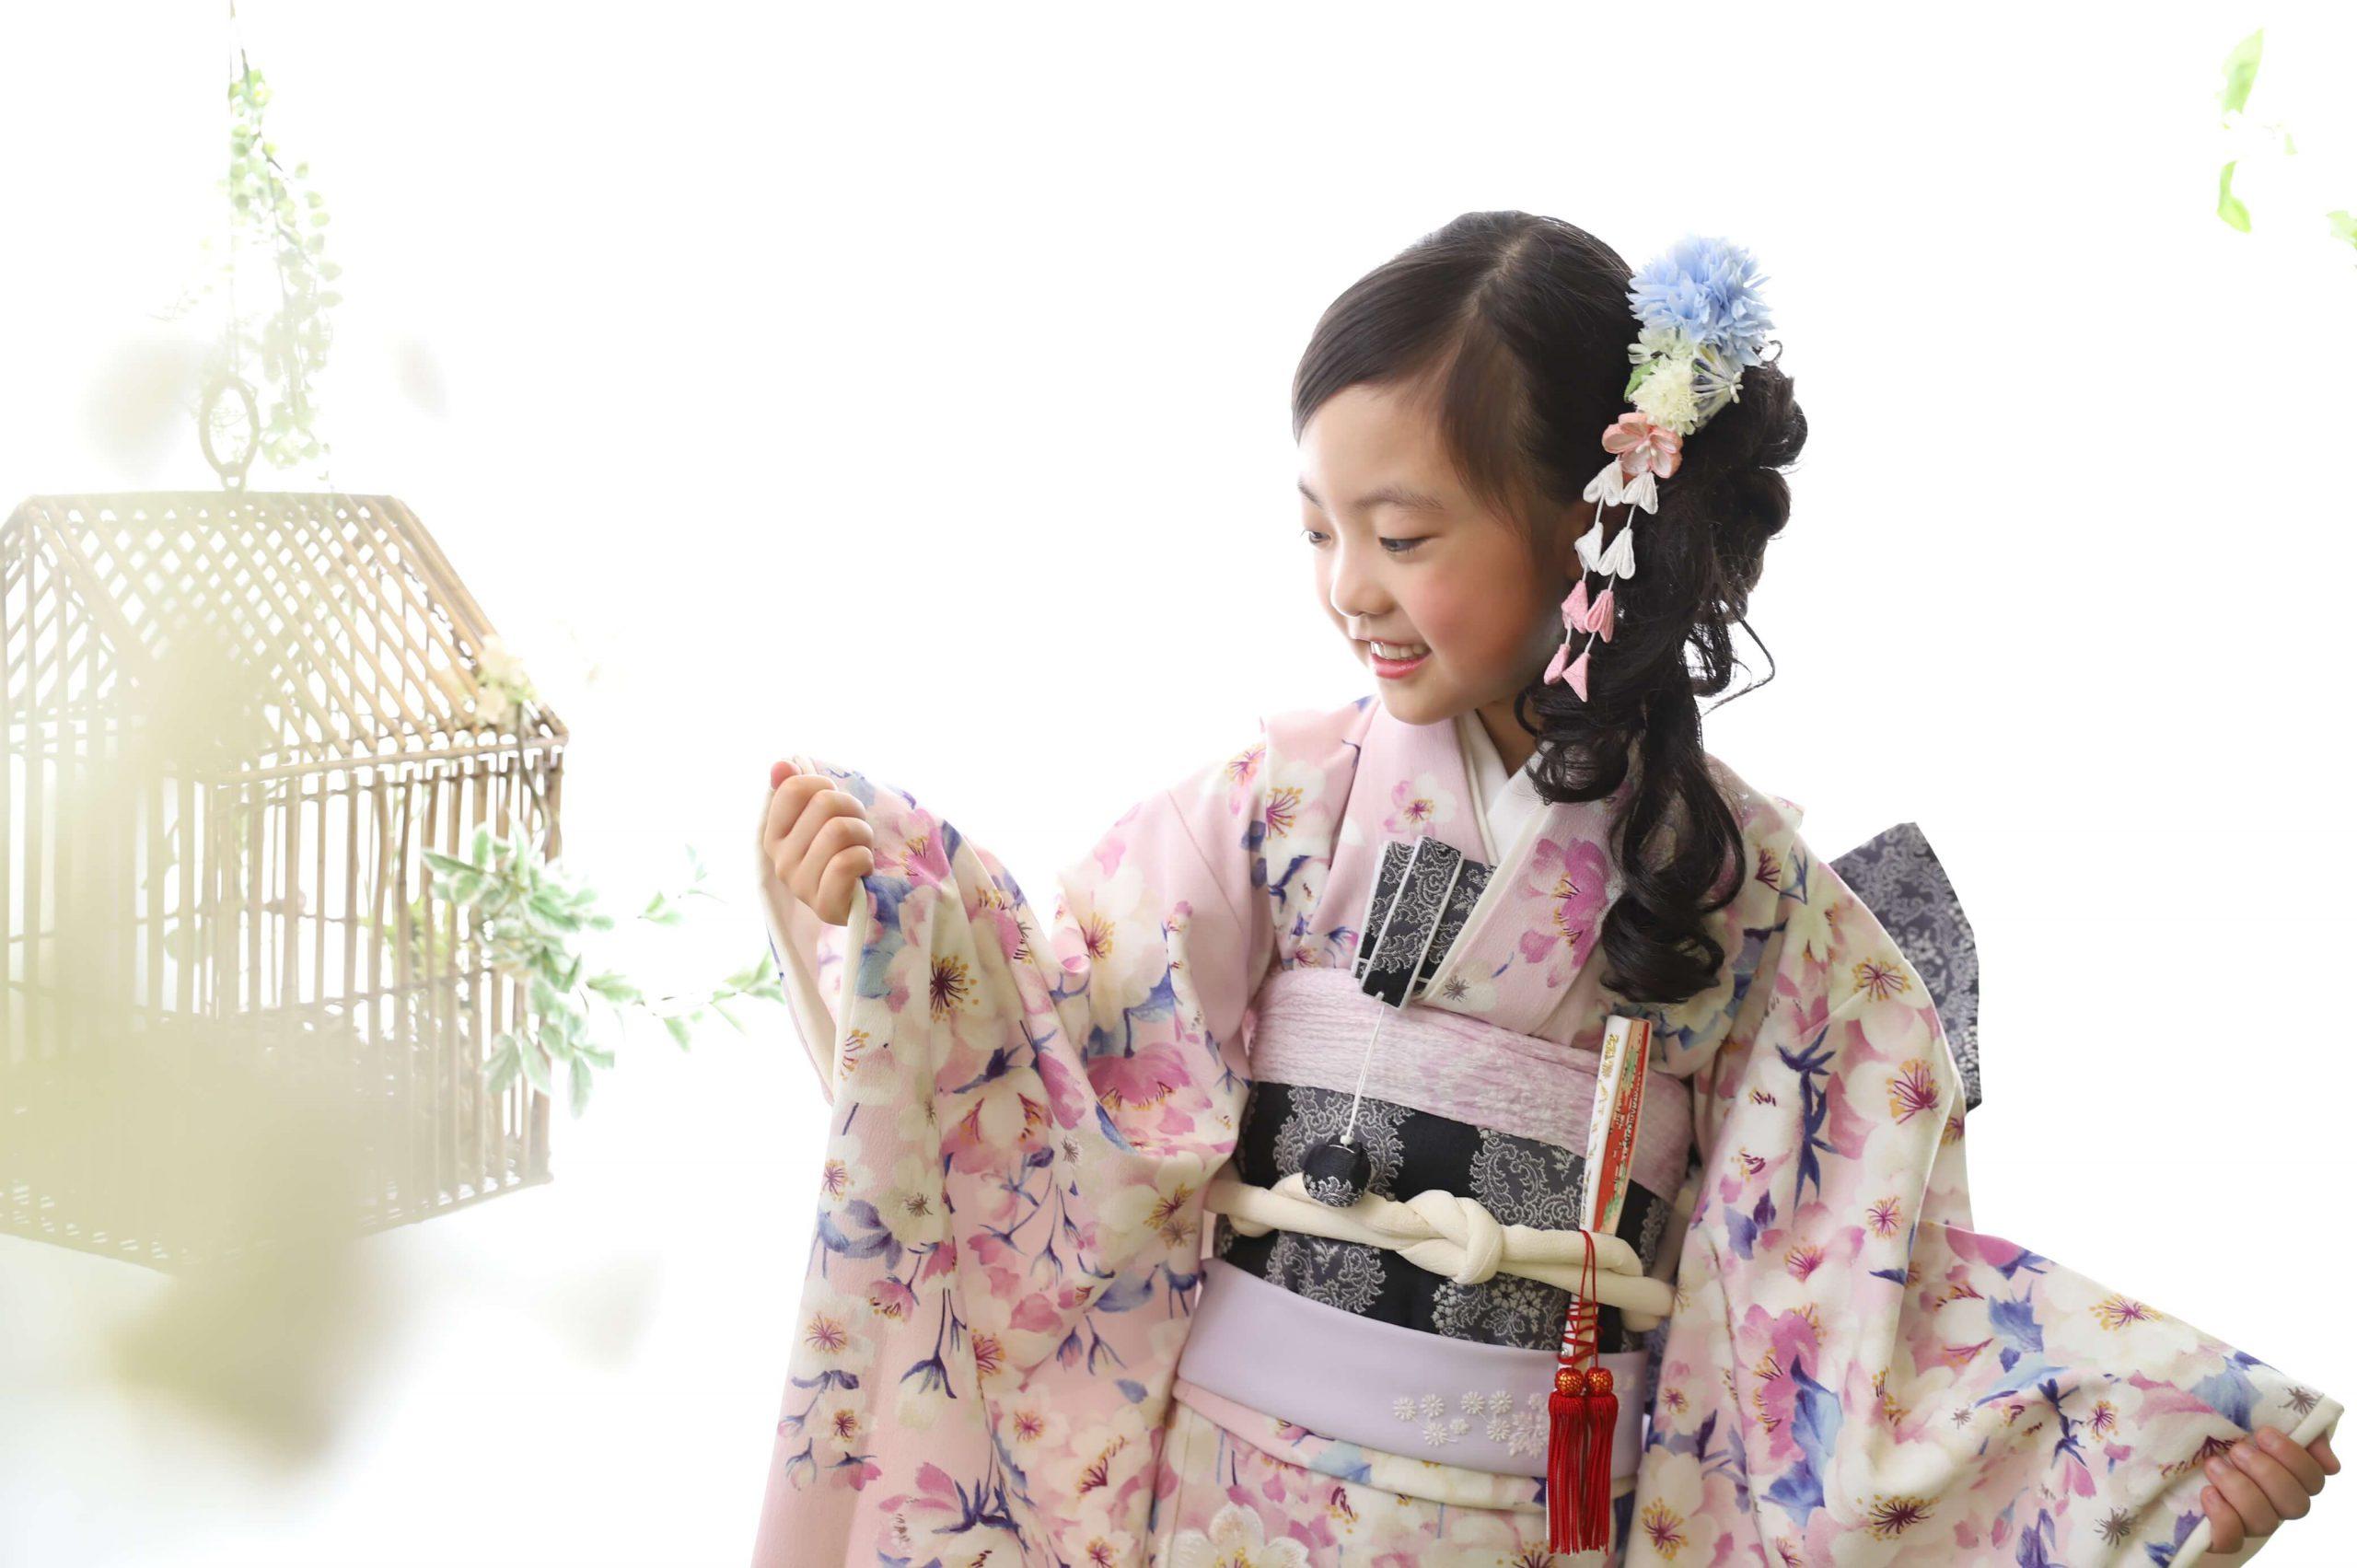 ☆札幌西店11月のキッズ撮影のキャンペーン情報☆